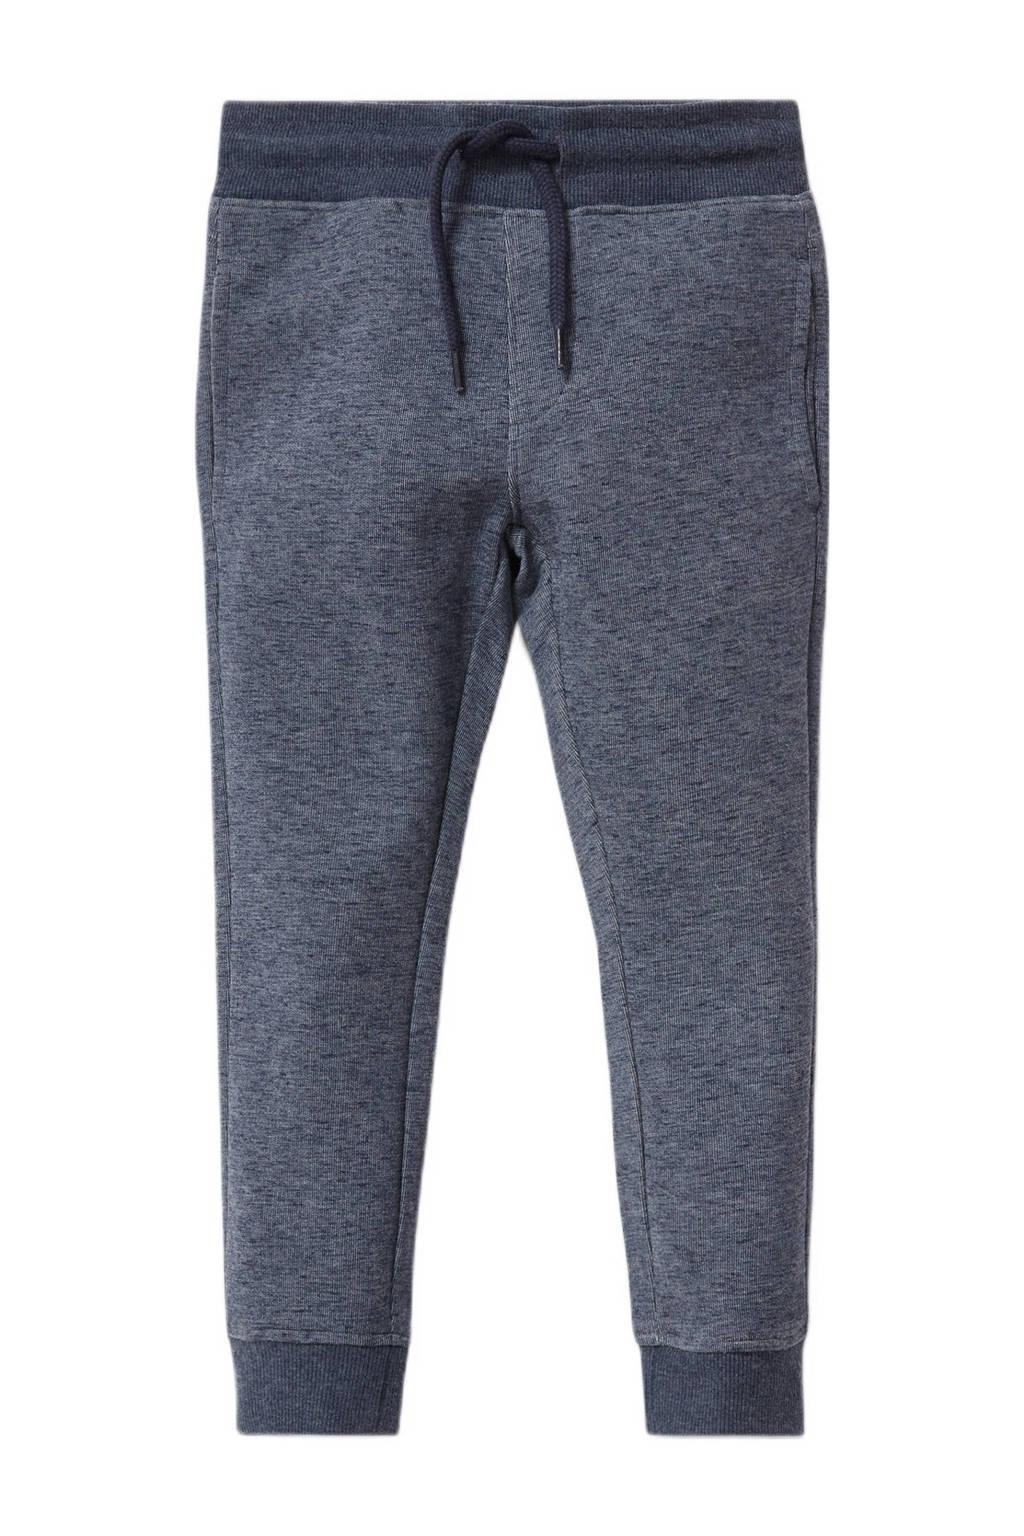 C&A gemêleerde slim fit joggingbroek donkerblauw, Donkerblauw